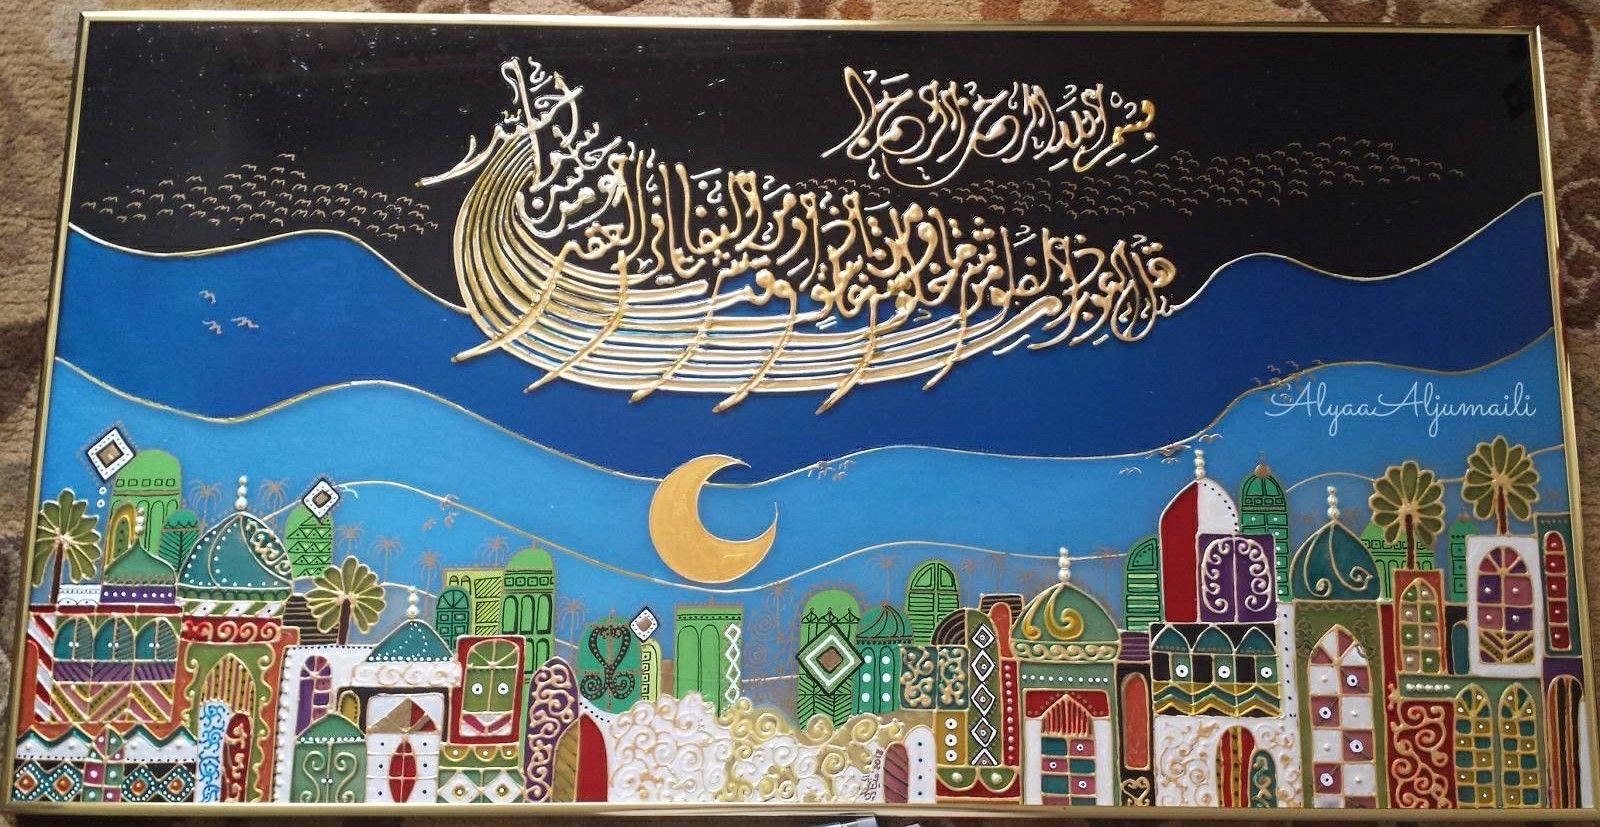 سورة الفلق رسوم بغداديات شناشيل رسم على الزجاج Size 90 X 50 Cm مقتبس بتصرف Baghdad Iraq Artist Art Glass Drawing G Islamic Calligraphy Art Calligraphy